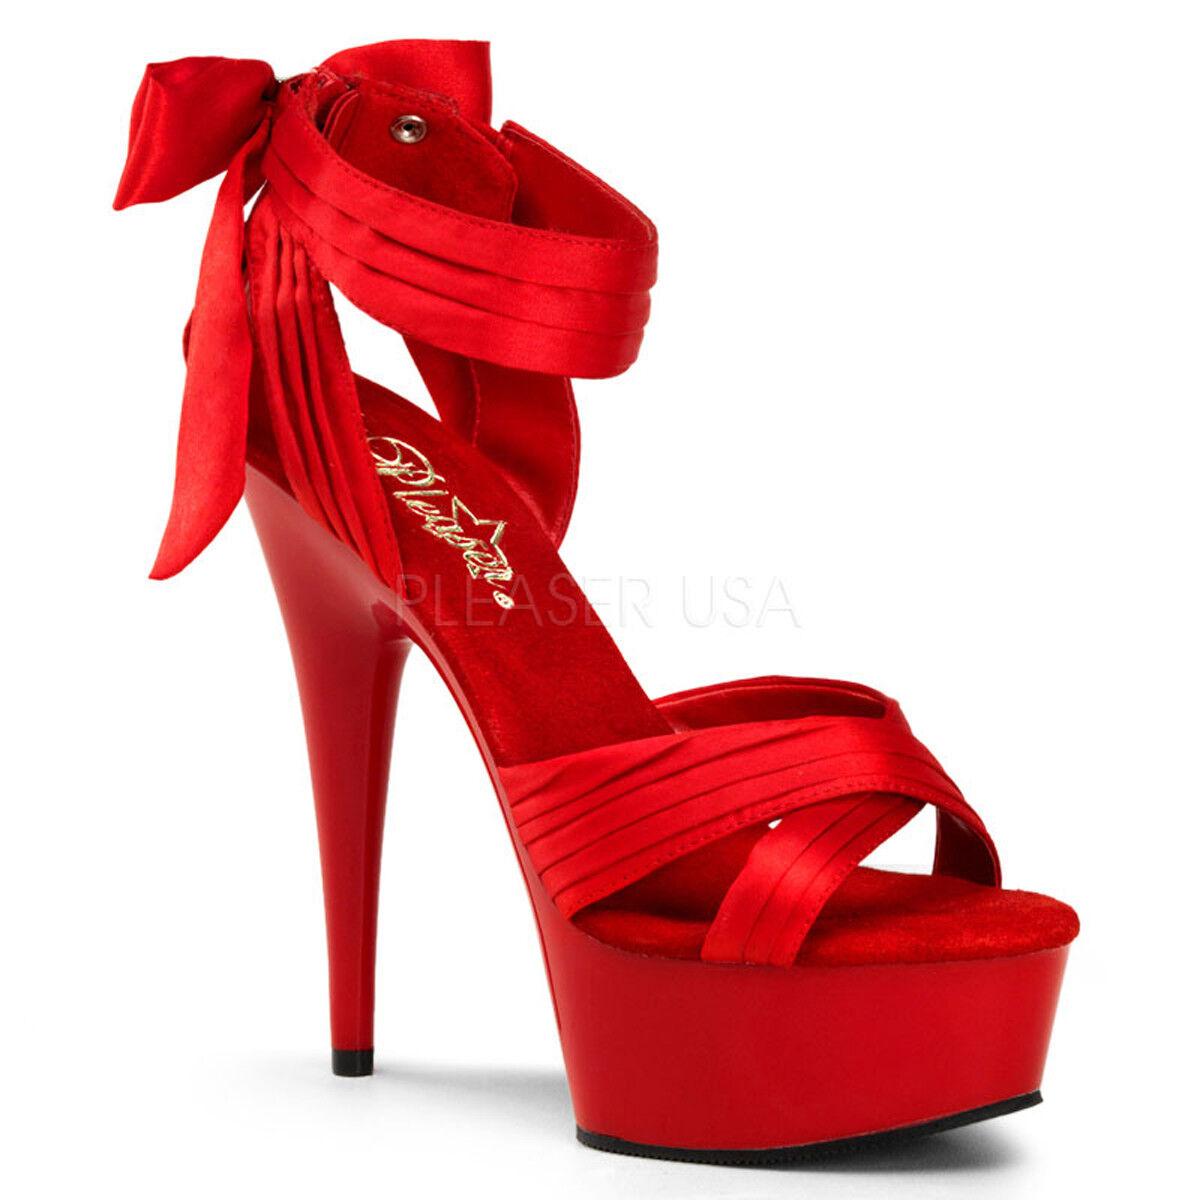 Pleaser delight-668 plataformas exótico baile Rojo Satinado Satinado Satinado Rojo Correa de tobillo de tacón alto  suministramos lo mejor